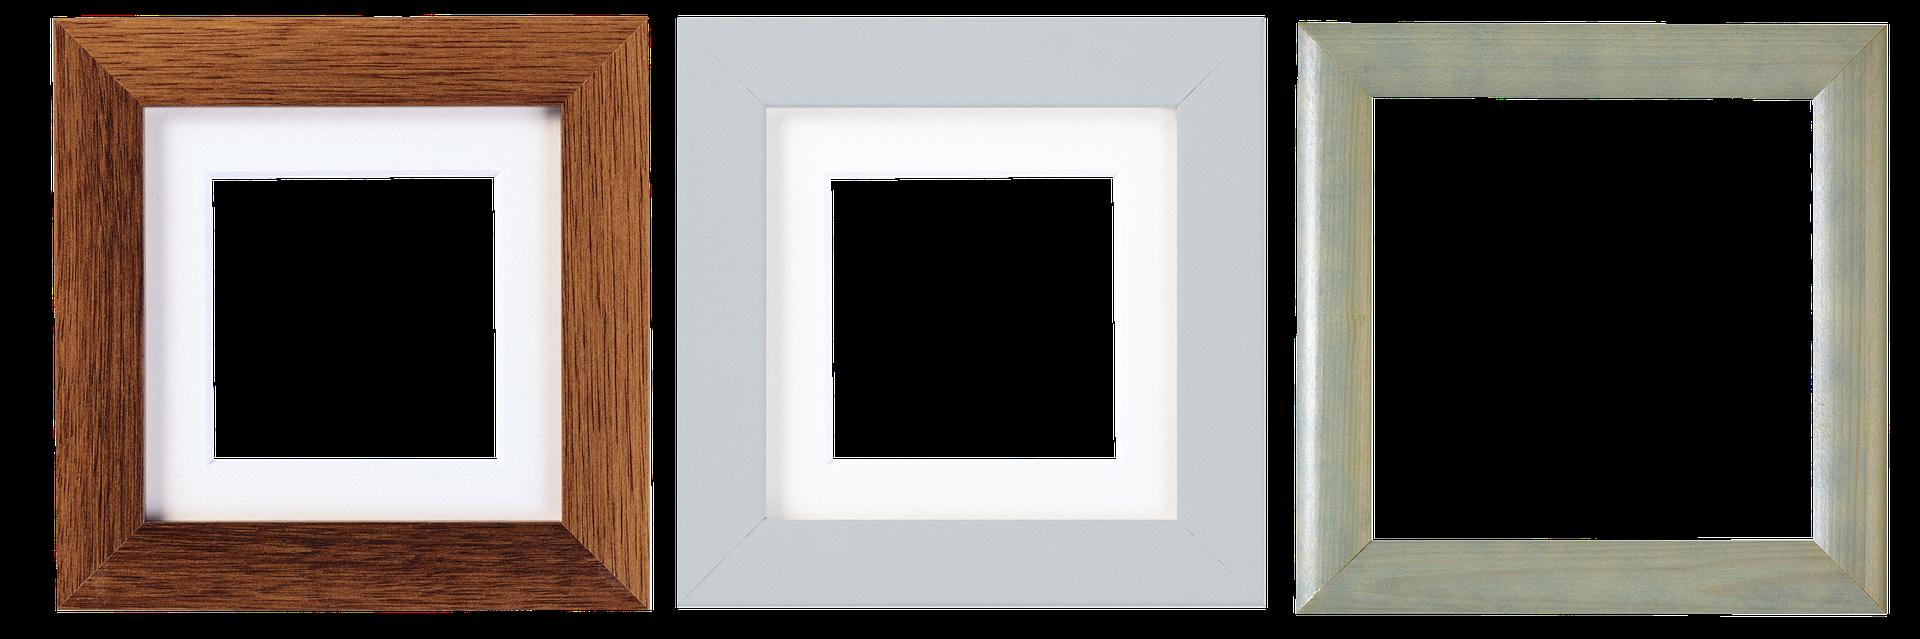 frame-4282170_1920.png